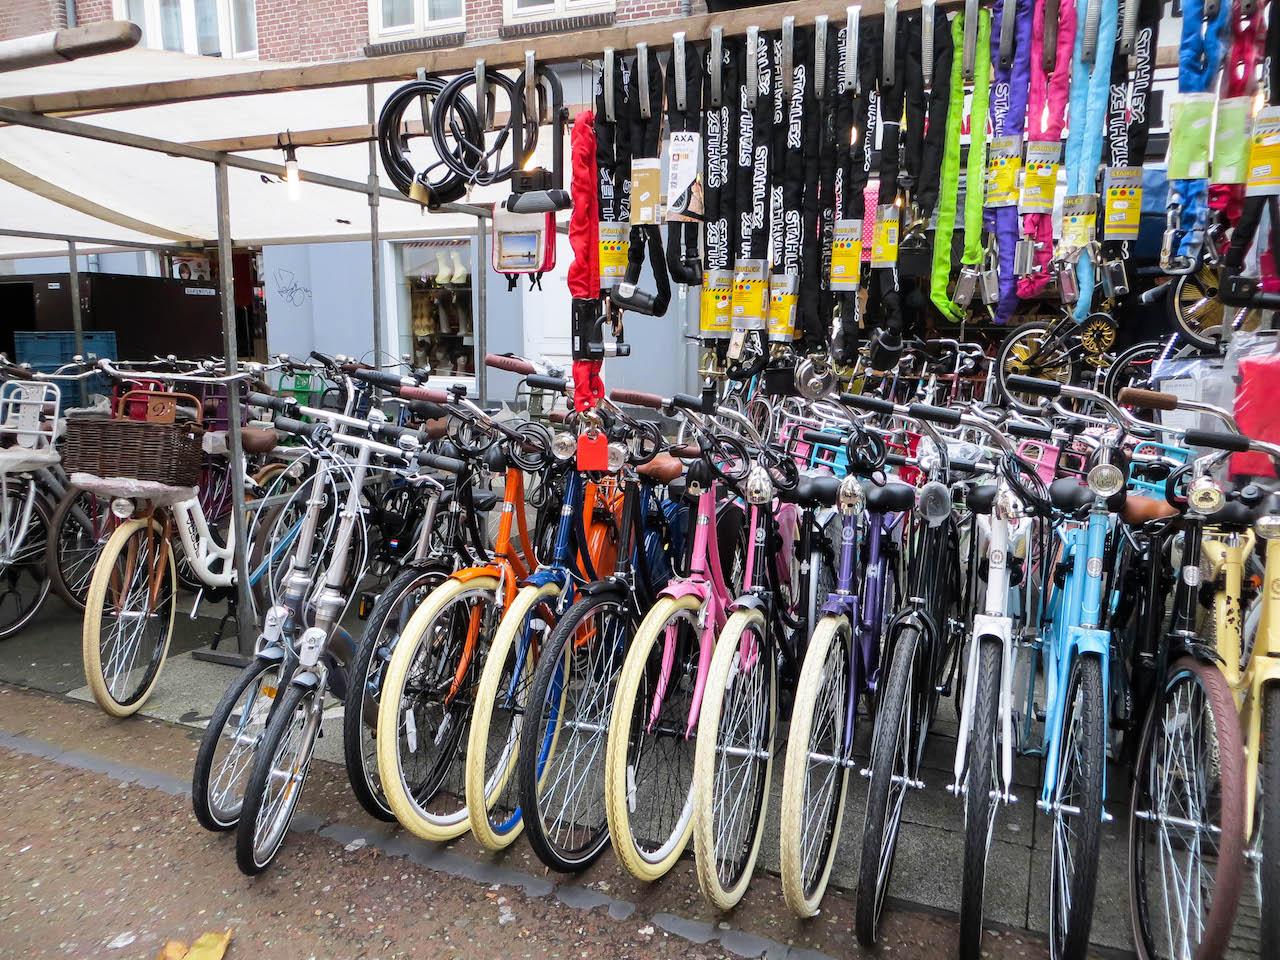 Hach, die Holländer und ihre Fahrräder!